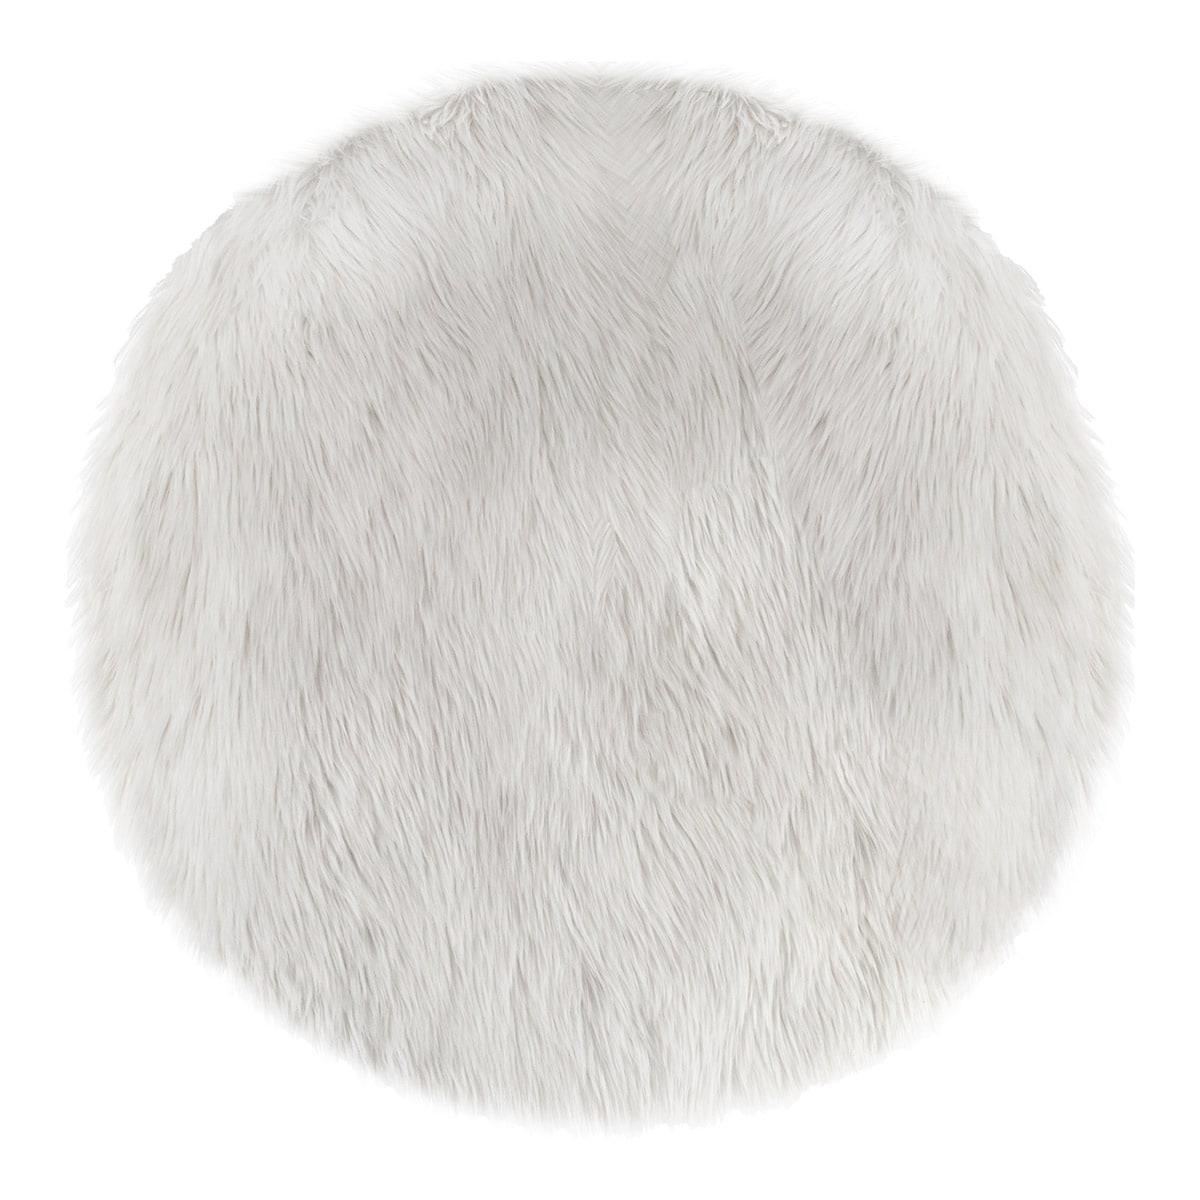 Tapis Rond Fausse Fourrure Blanc Nature Decouvertes